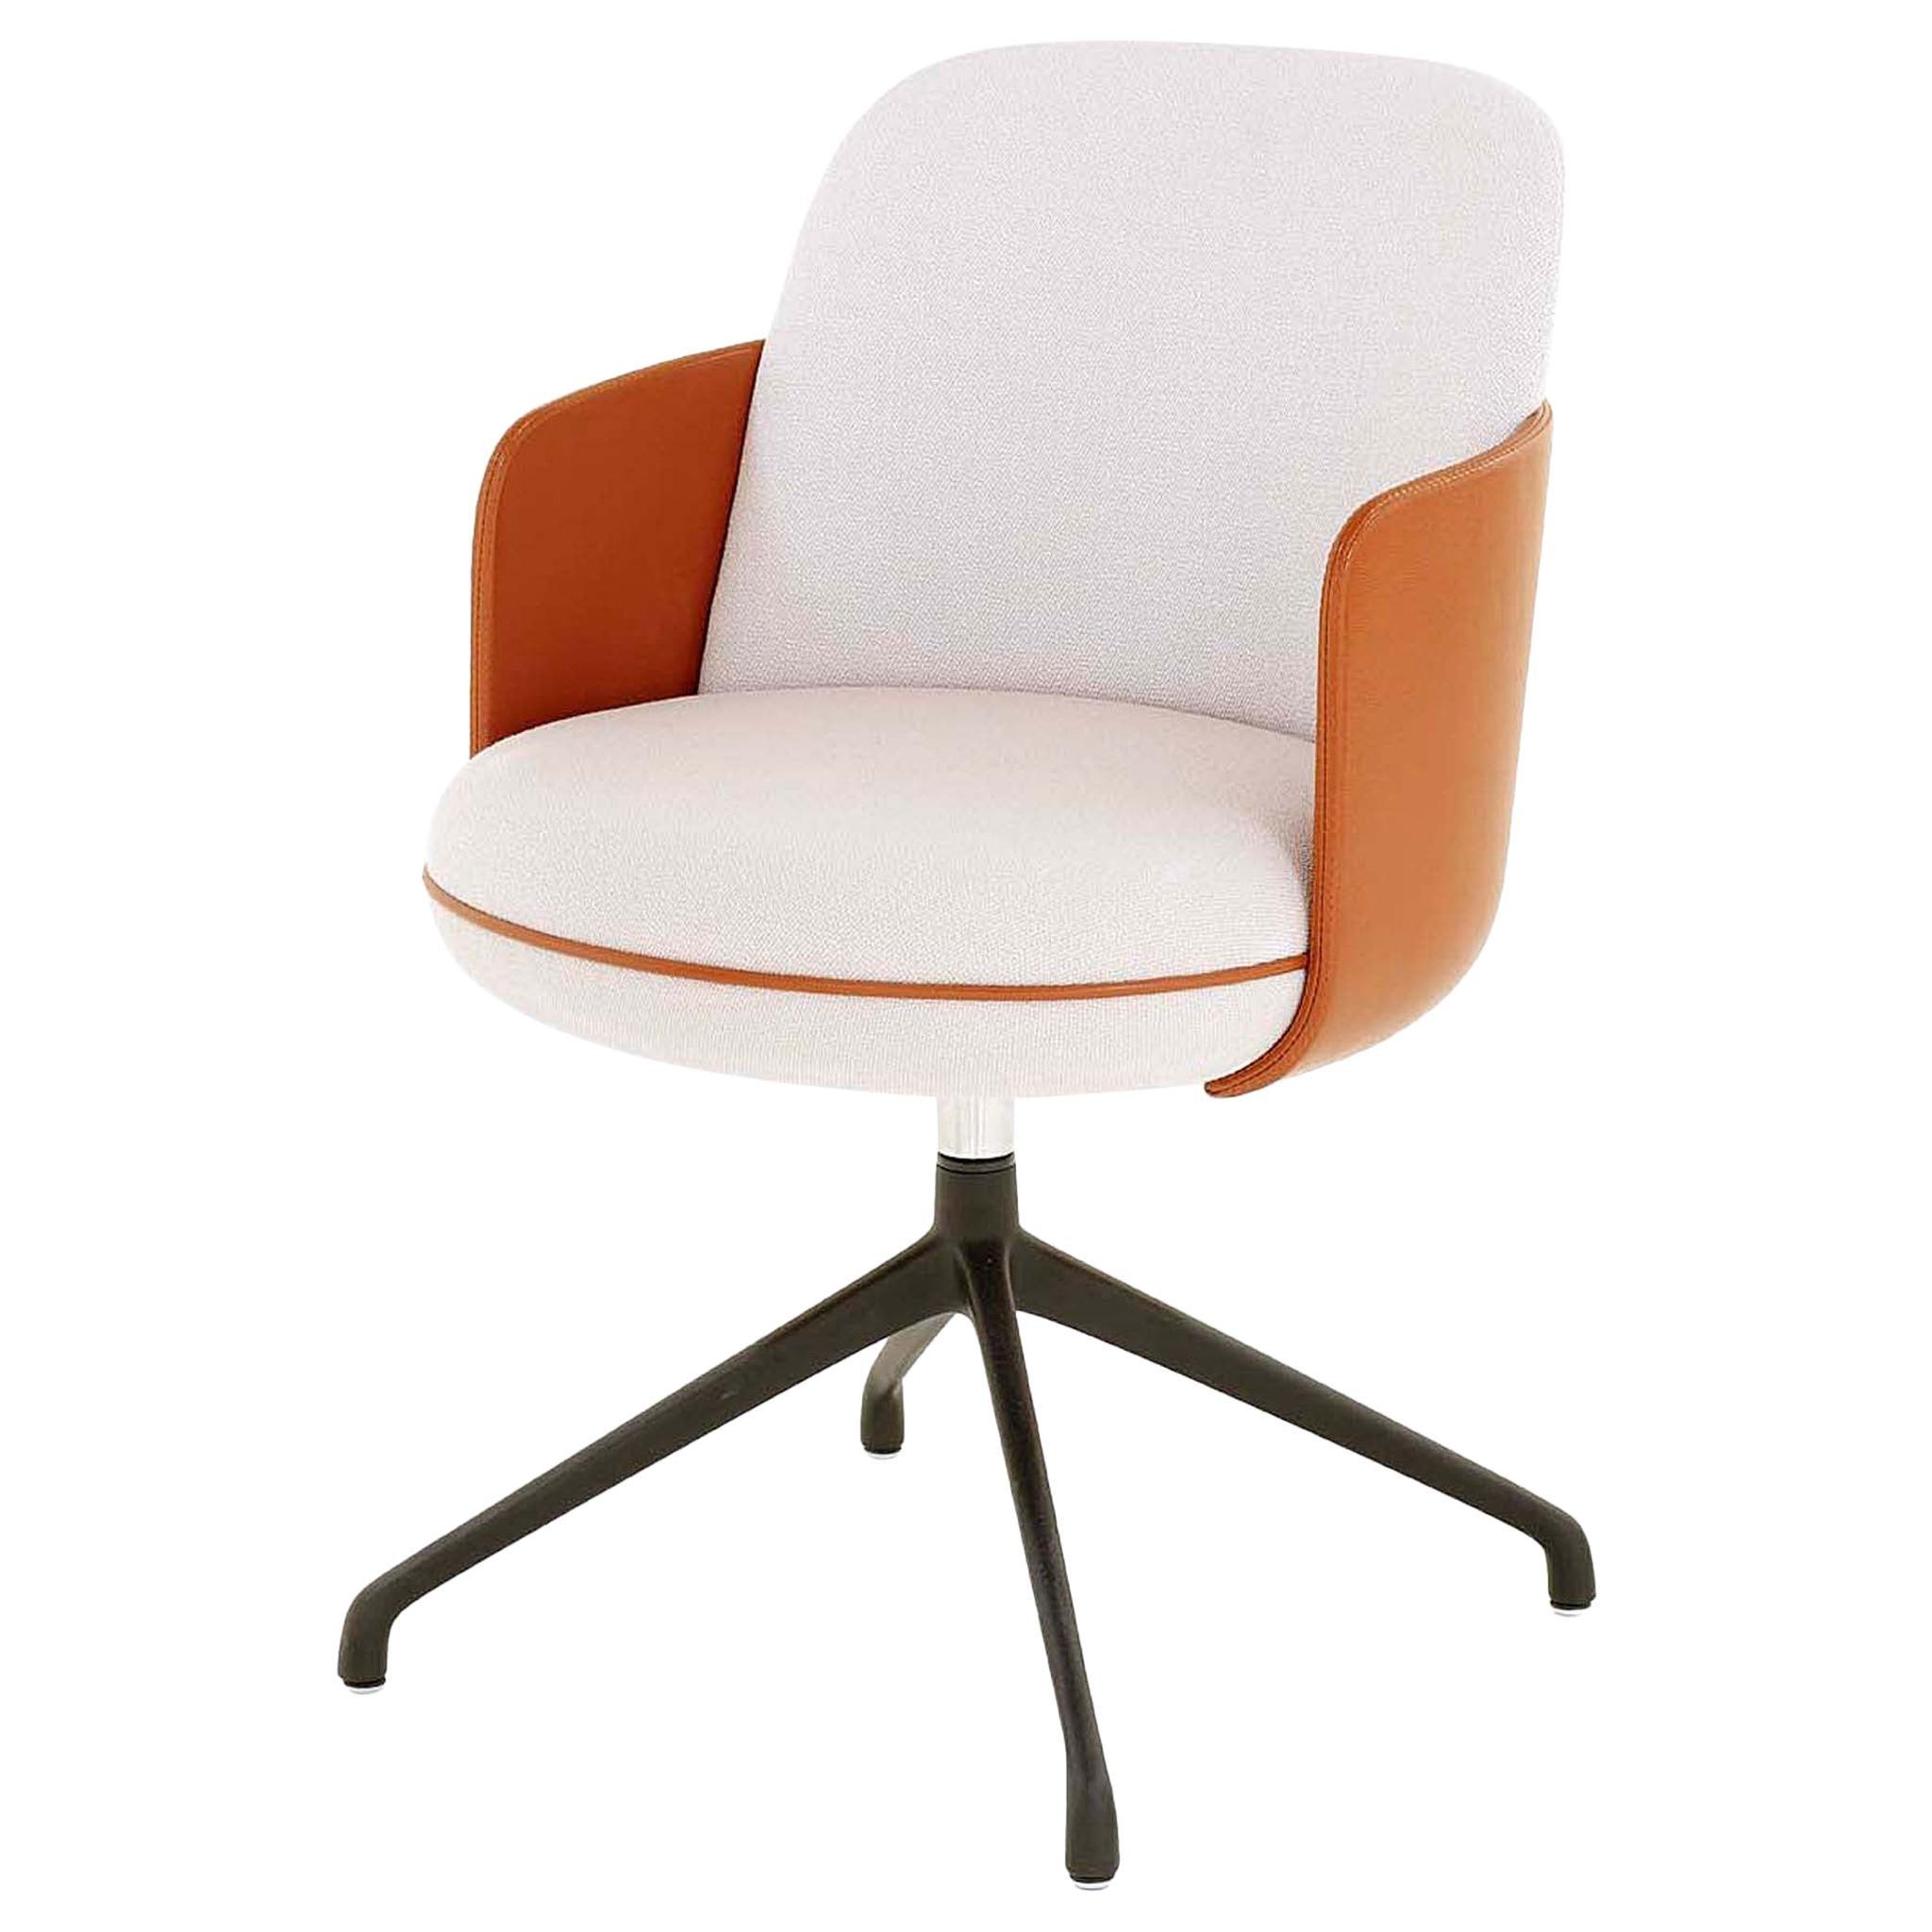 Wittmann Merwyn Swivel Chair Designed by Sebastian Herkner